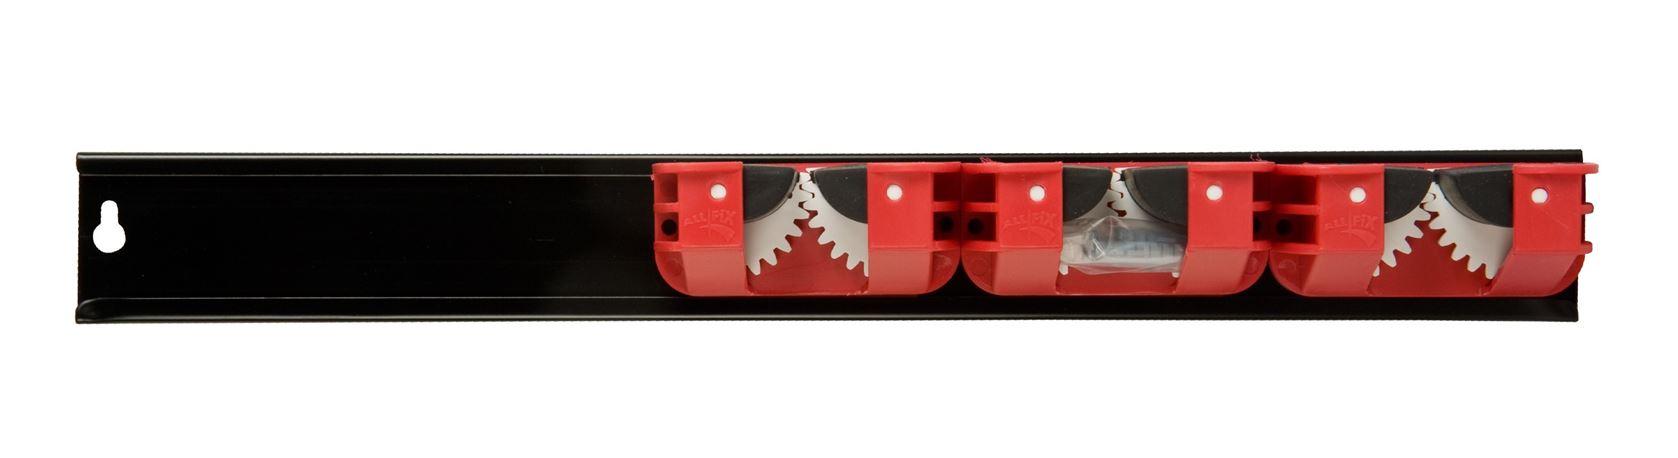 polet all-fix-3 rail met 3 houders